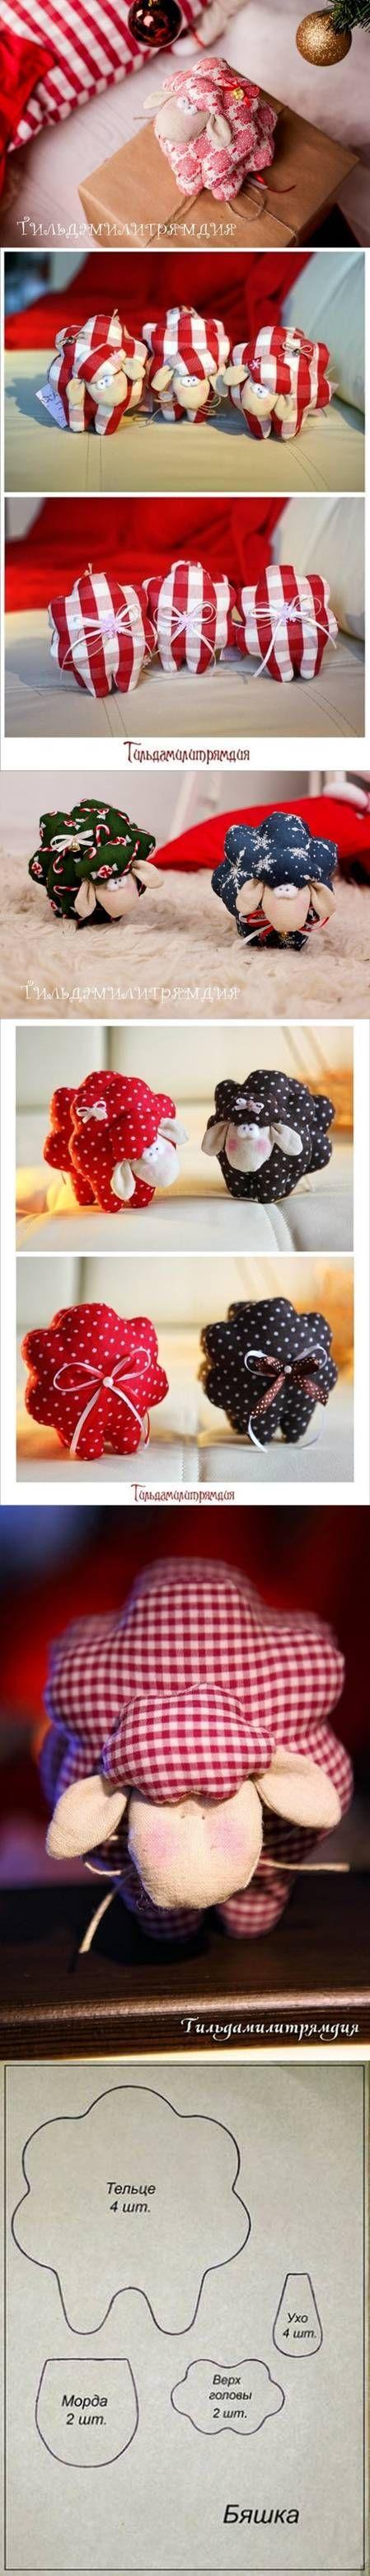 DIY Cute Fabric Lamb   sewing projects   Pinterest   Schäfchen ...